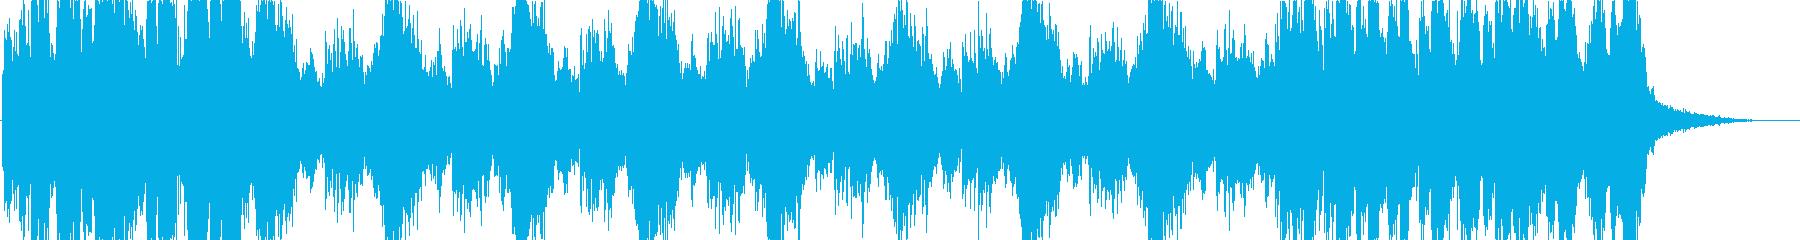 「○○チャレンジ」などのバトル系サウンドの再生済みの波形